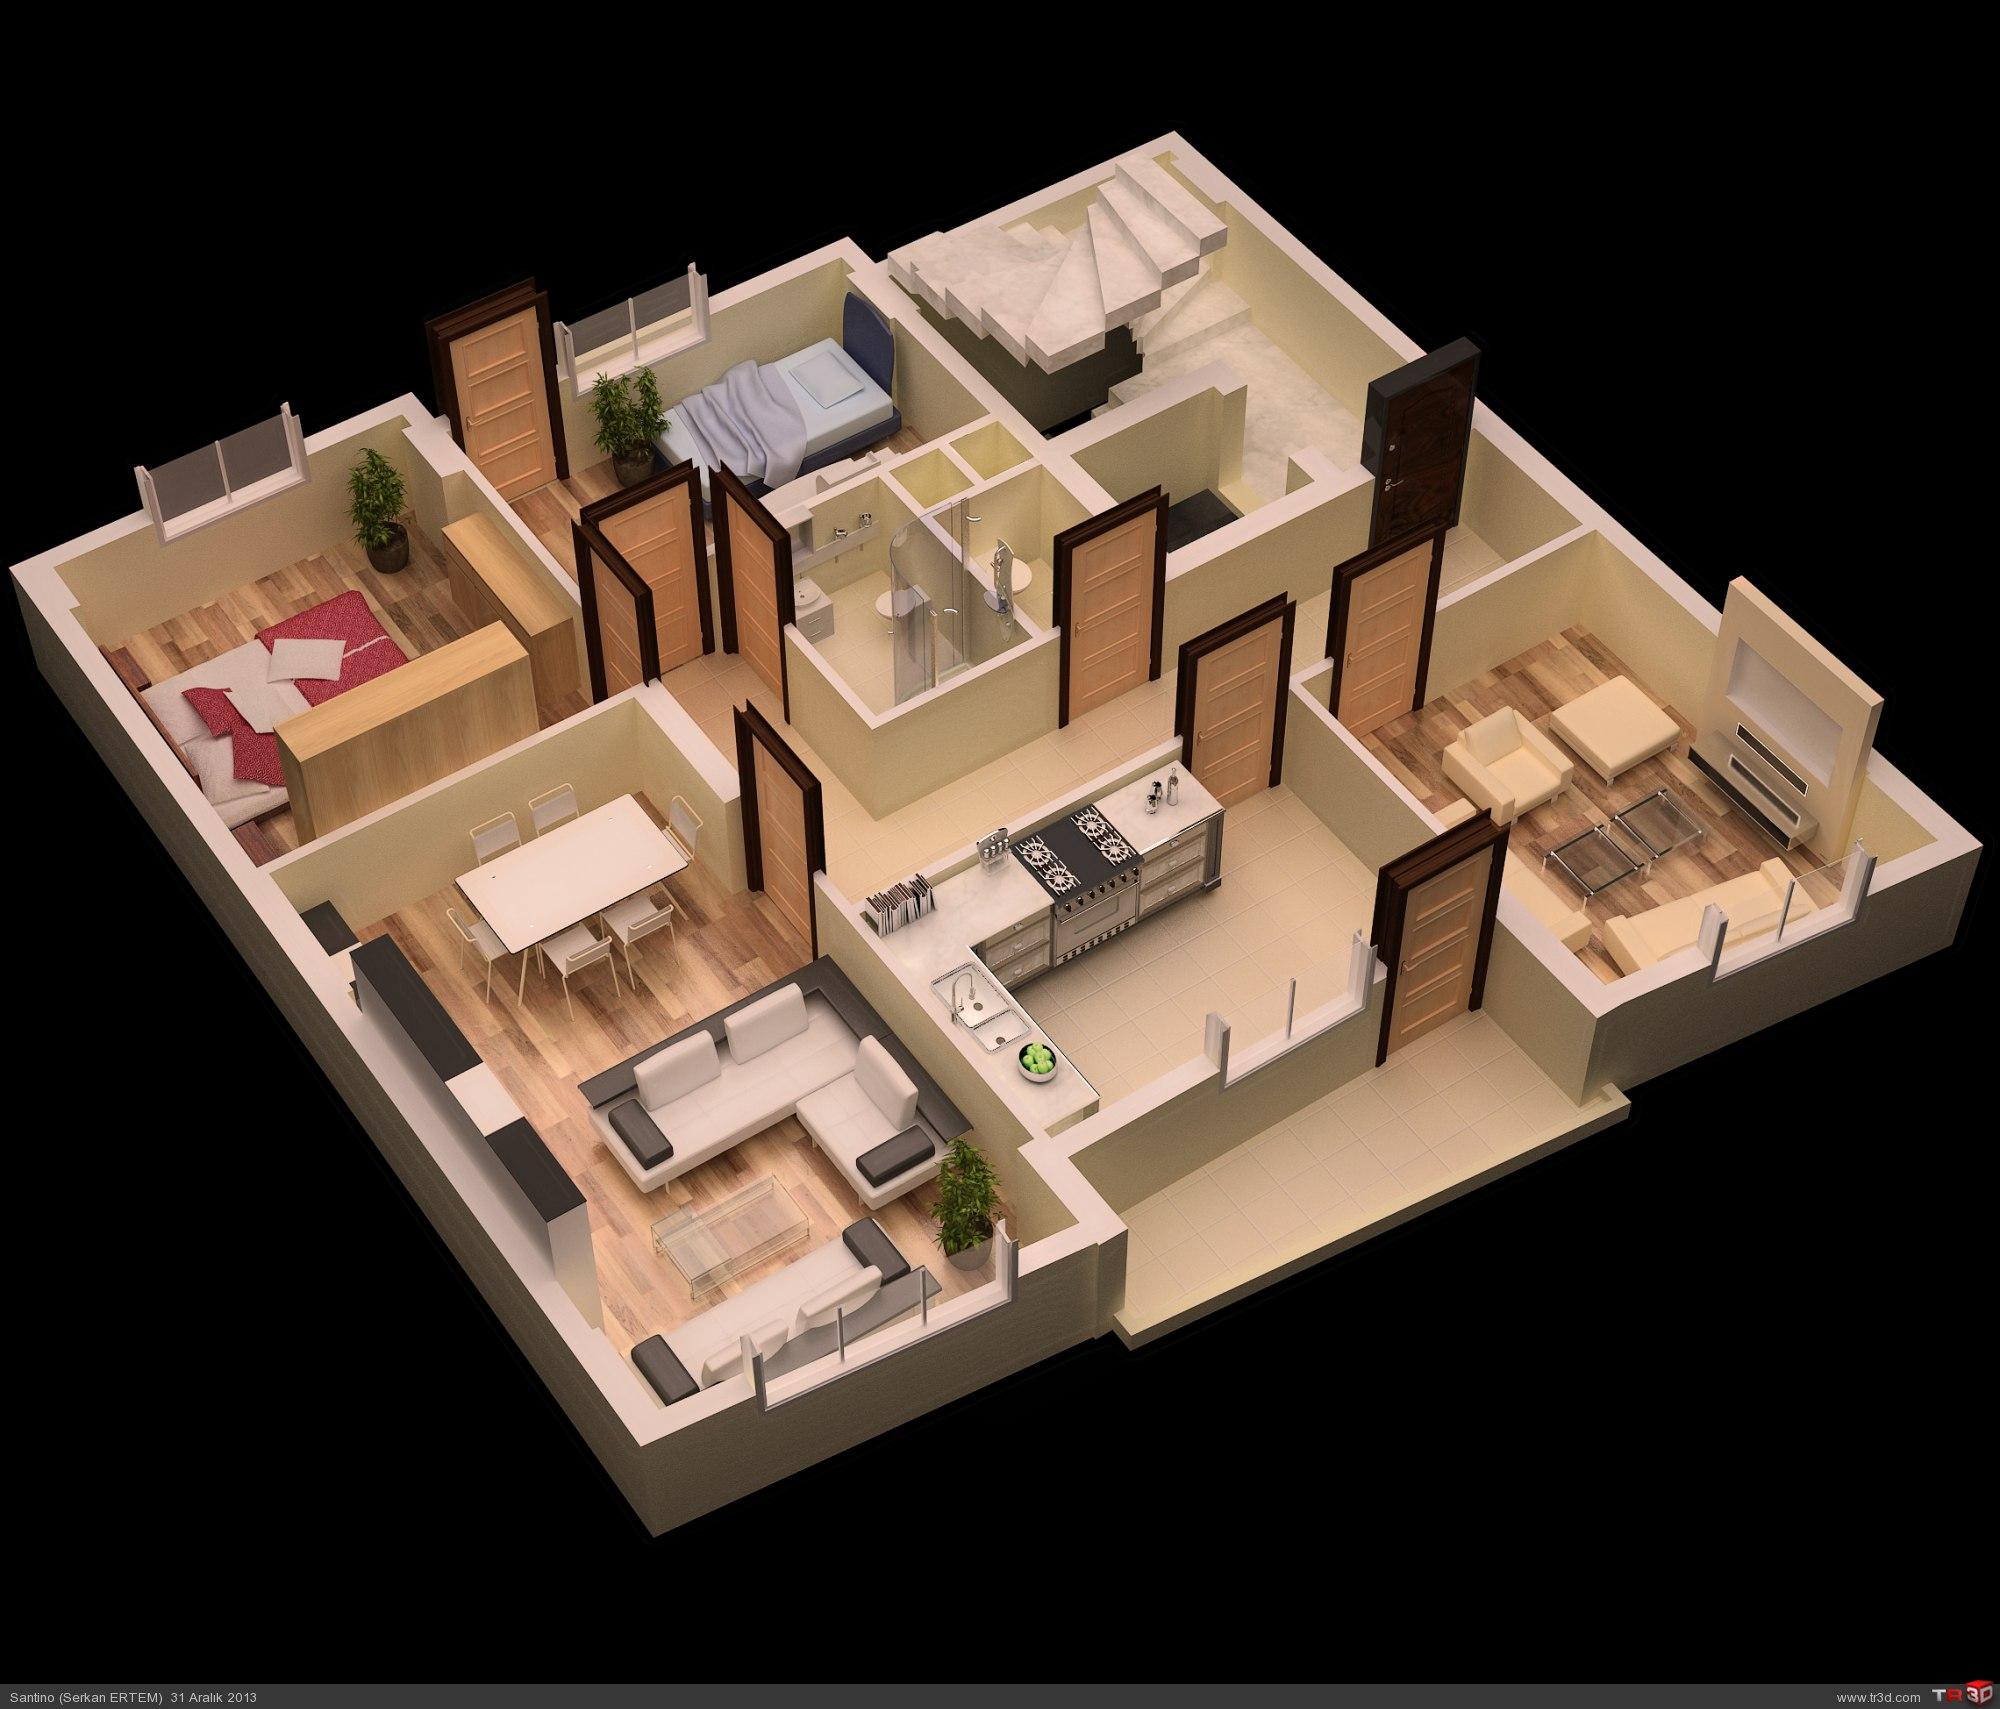 5 Bedroom Floor Plans 1 Story 3d Kat Planı Mimari Projeler